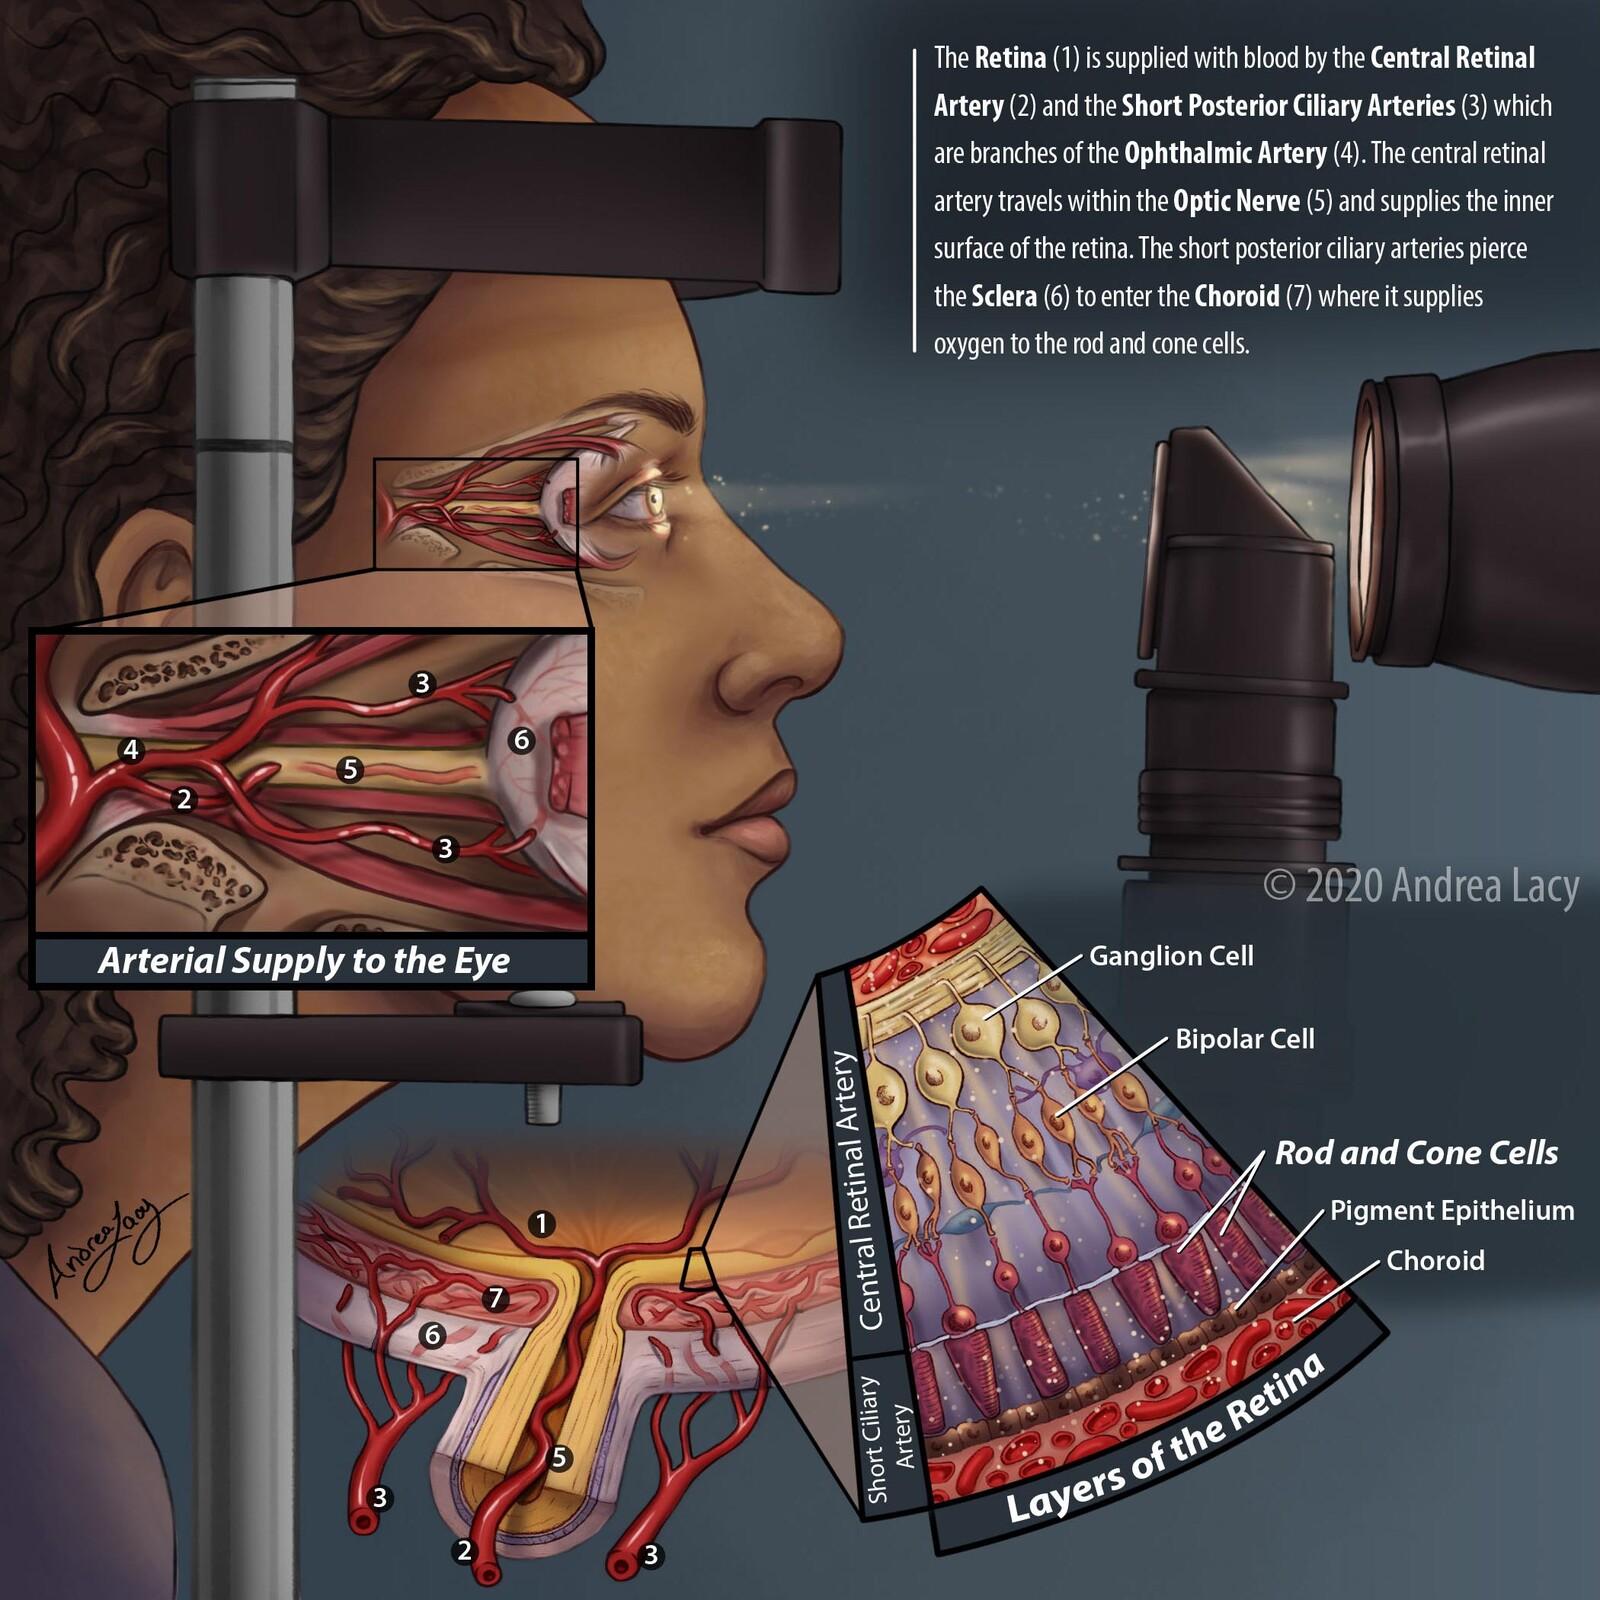 Arteries to the Retina